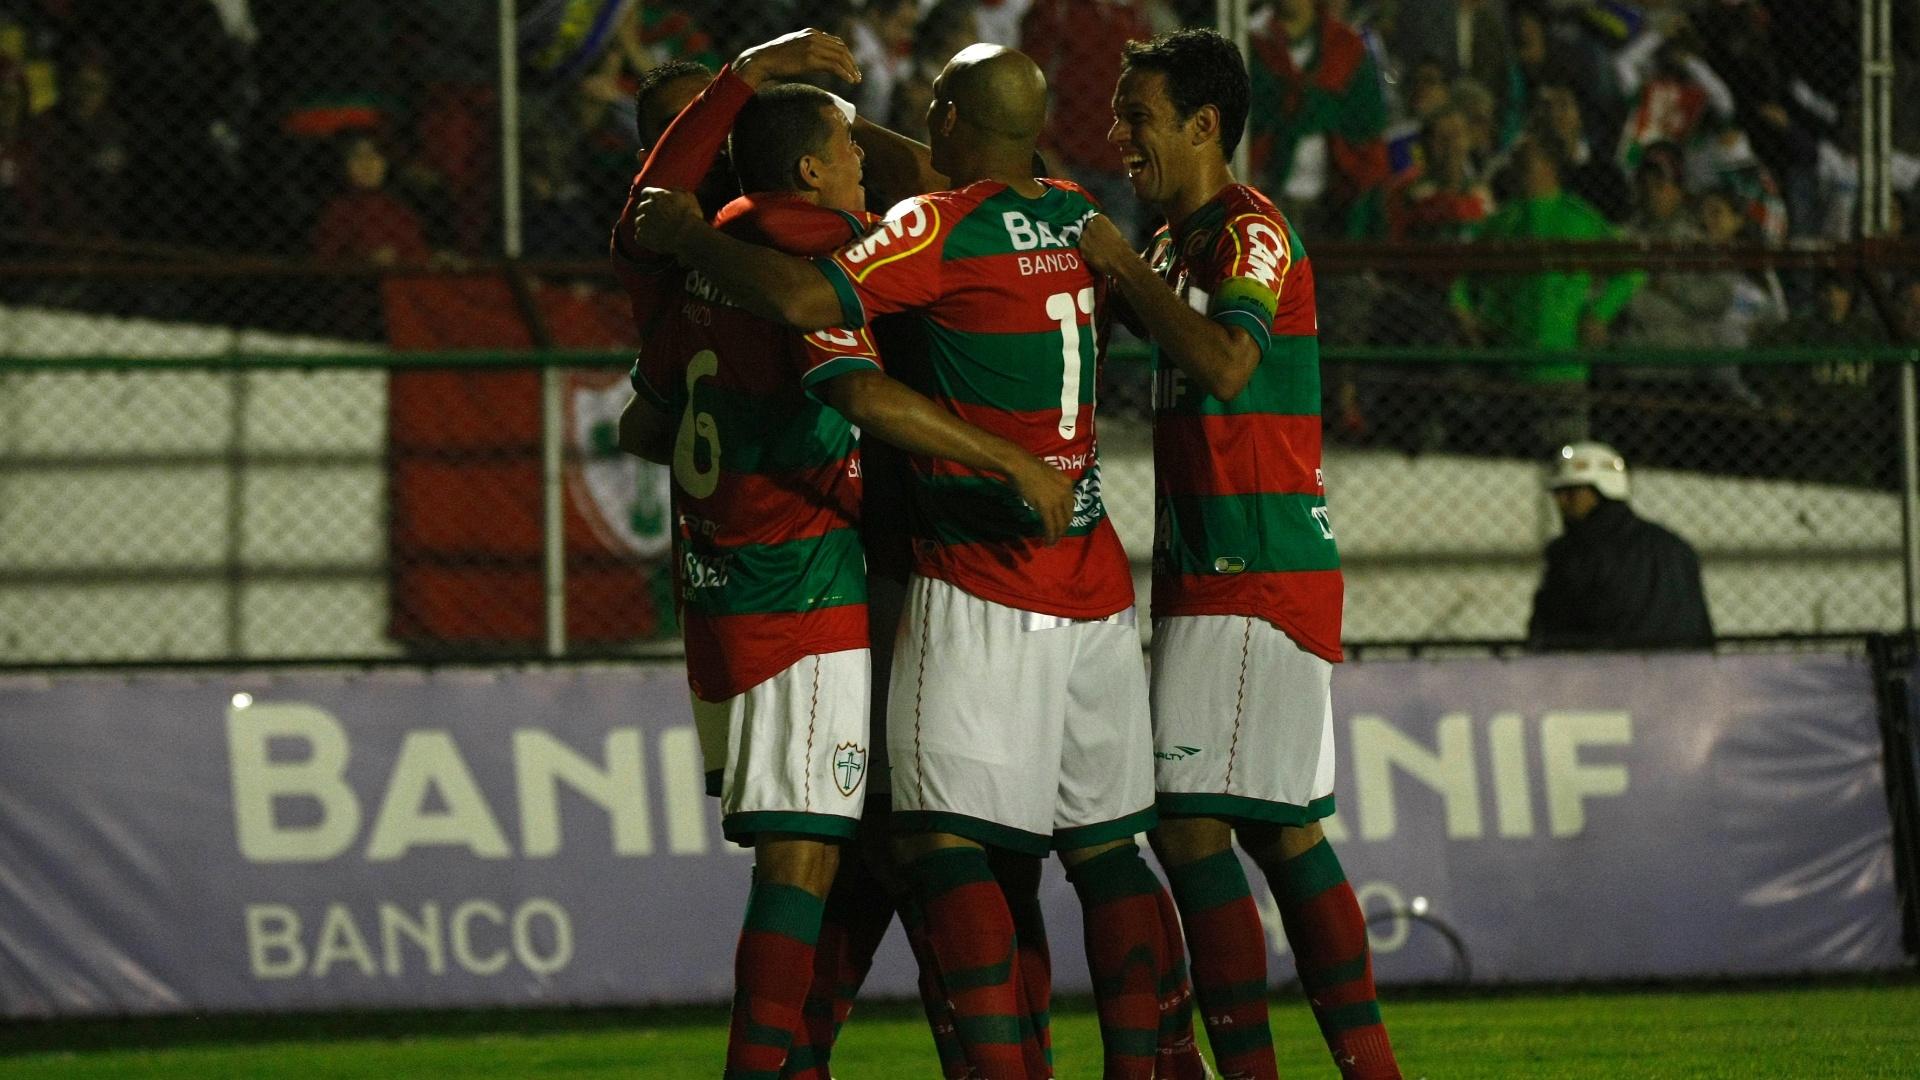 Jogadores da Portuguesa comemoram um dos quatro gols marcados contra o Duque de Caxias, no Canindé